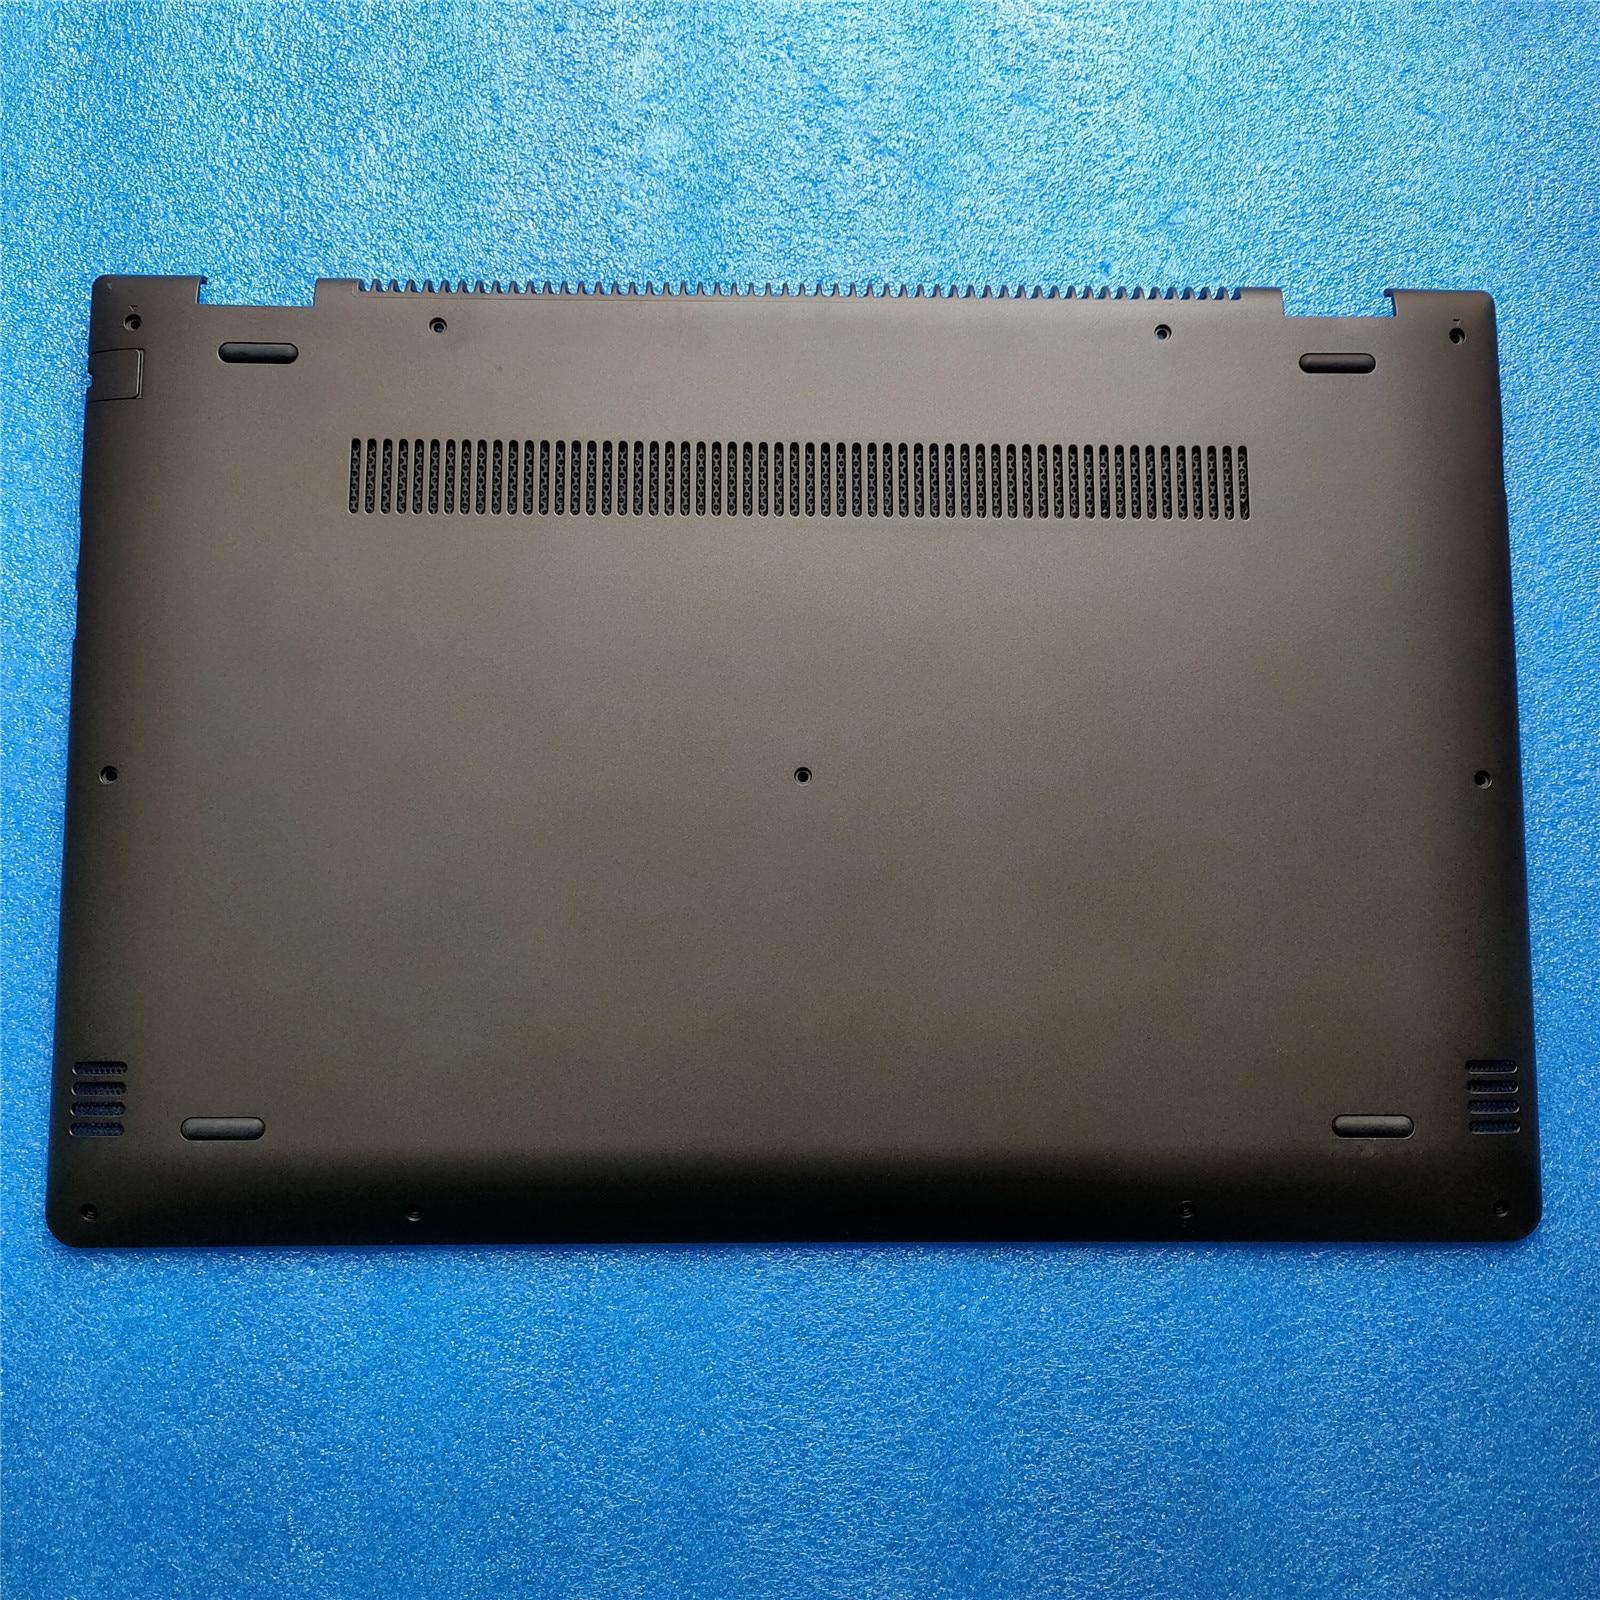 新しい/レノボヨガ 510 15 ヨガ 510 15isk ikb 底 Coover 低ベースケース AP1JD000800  グループ上の パソコン & オフィス からの ノートパソコンバッグ & ケース の中 1